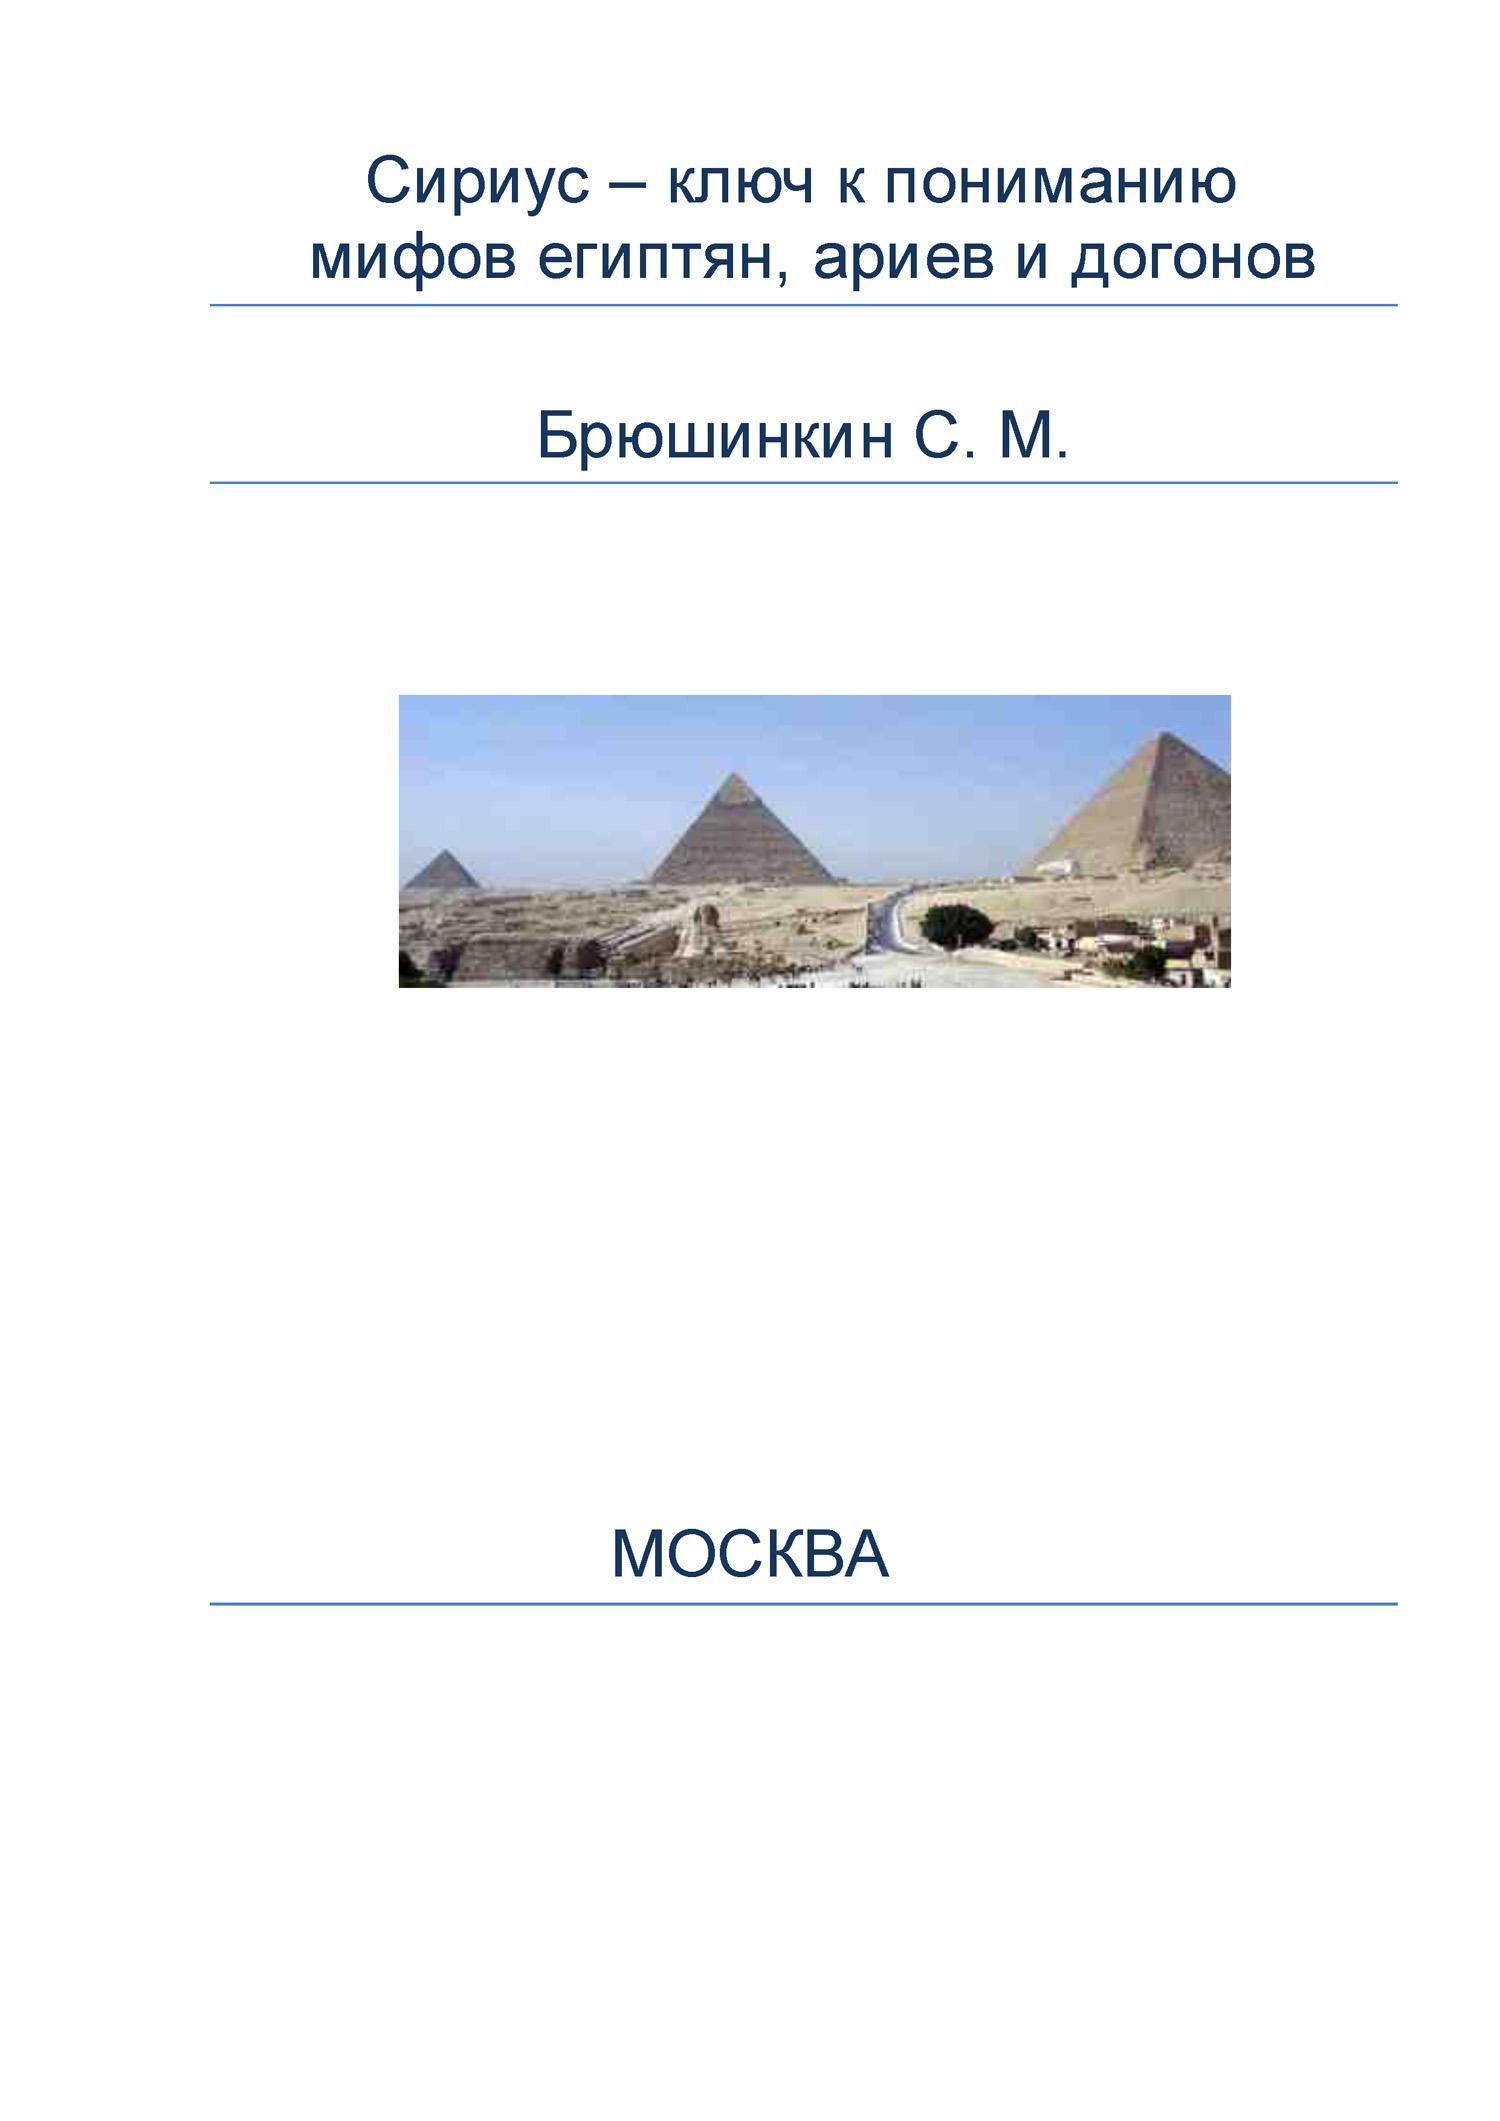 Сергей Брюшинкин Сириус – ключ к пониманию мифов египтян, ариев и догонов путенихин в тайны аркаима наследие древних ариев